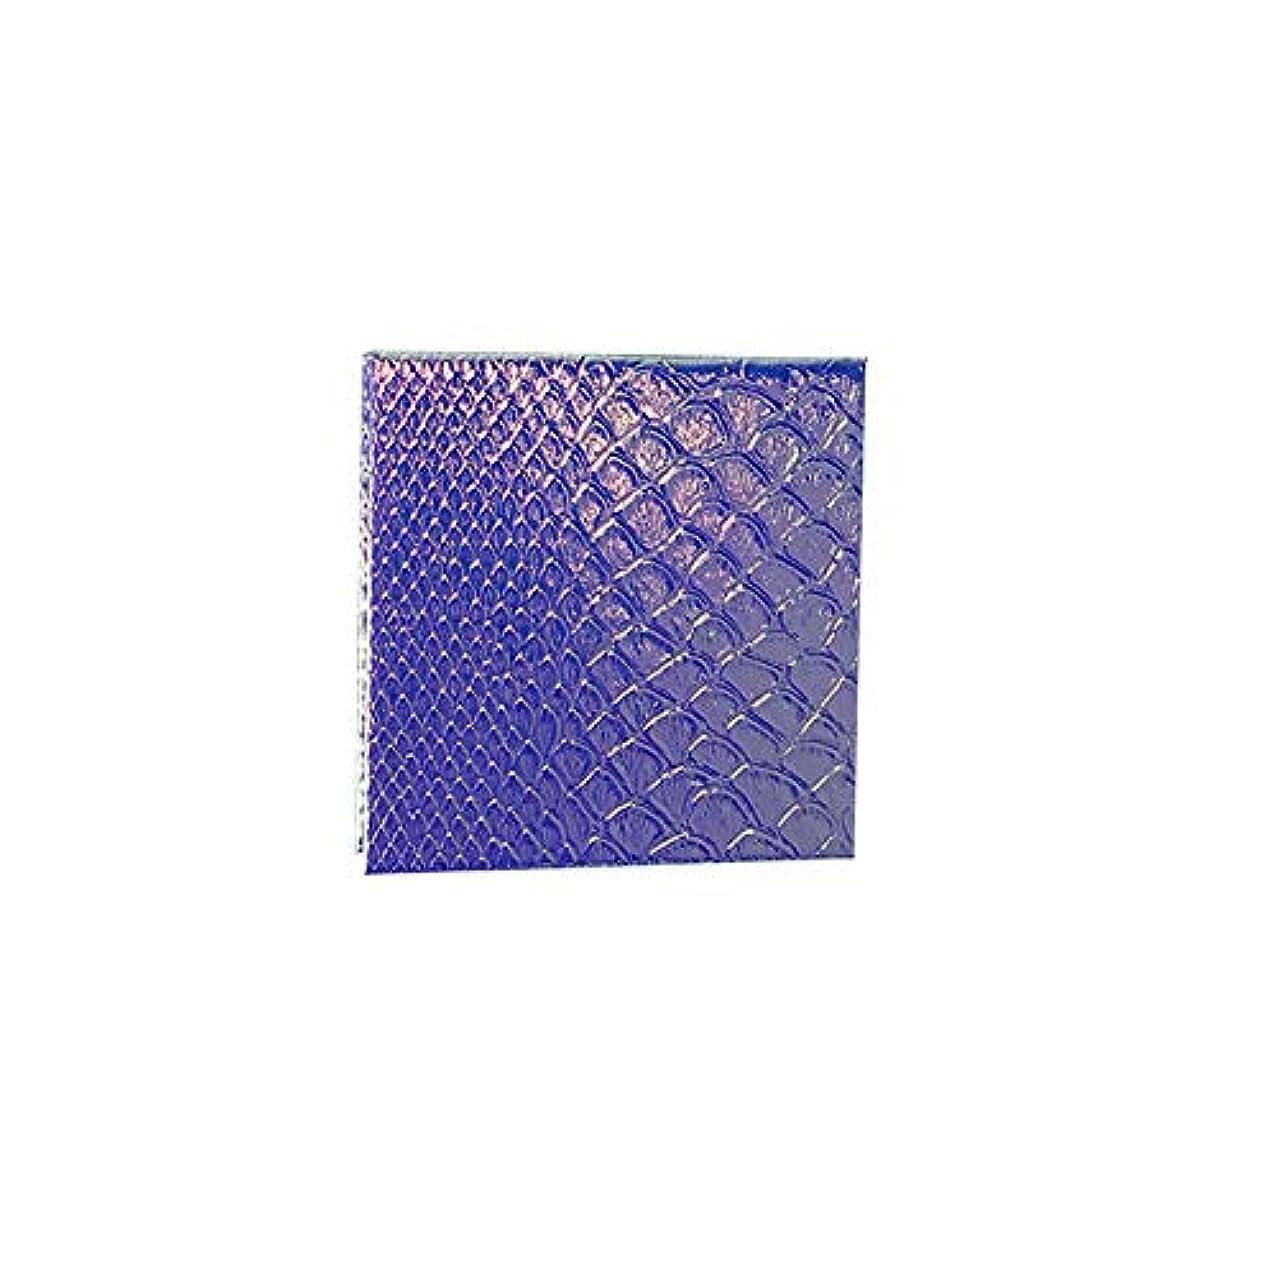 ファランクス孤児腐敗空の化粧アイシャドーパレット磁気空パレット接着剤空のパレット金属ステッカー空のパレットキット(S)